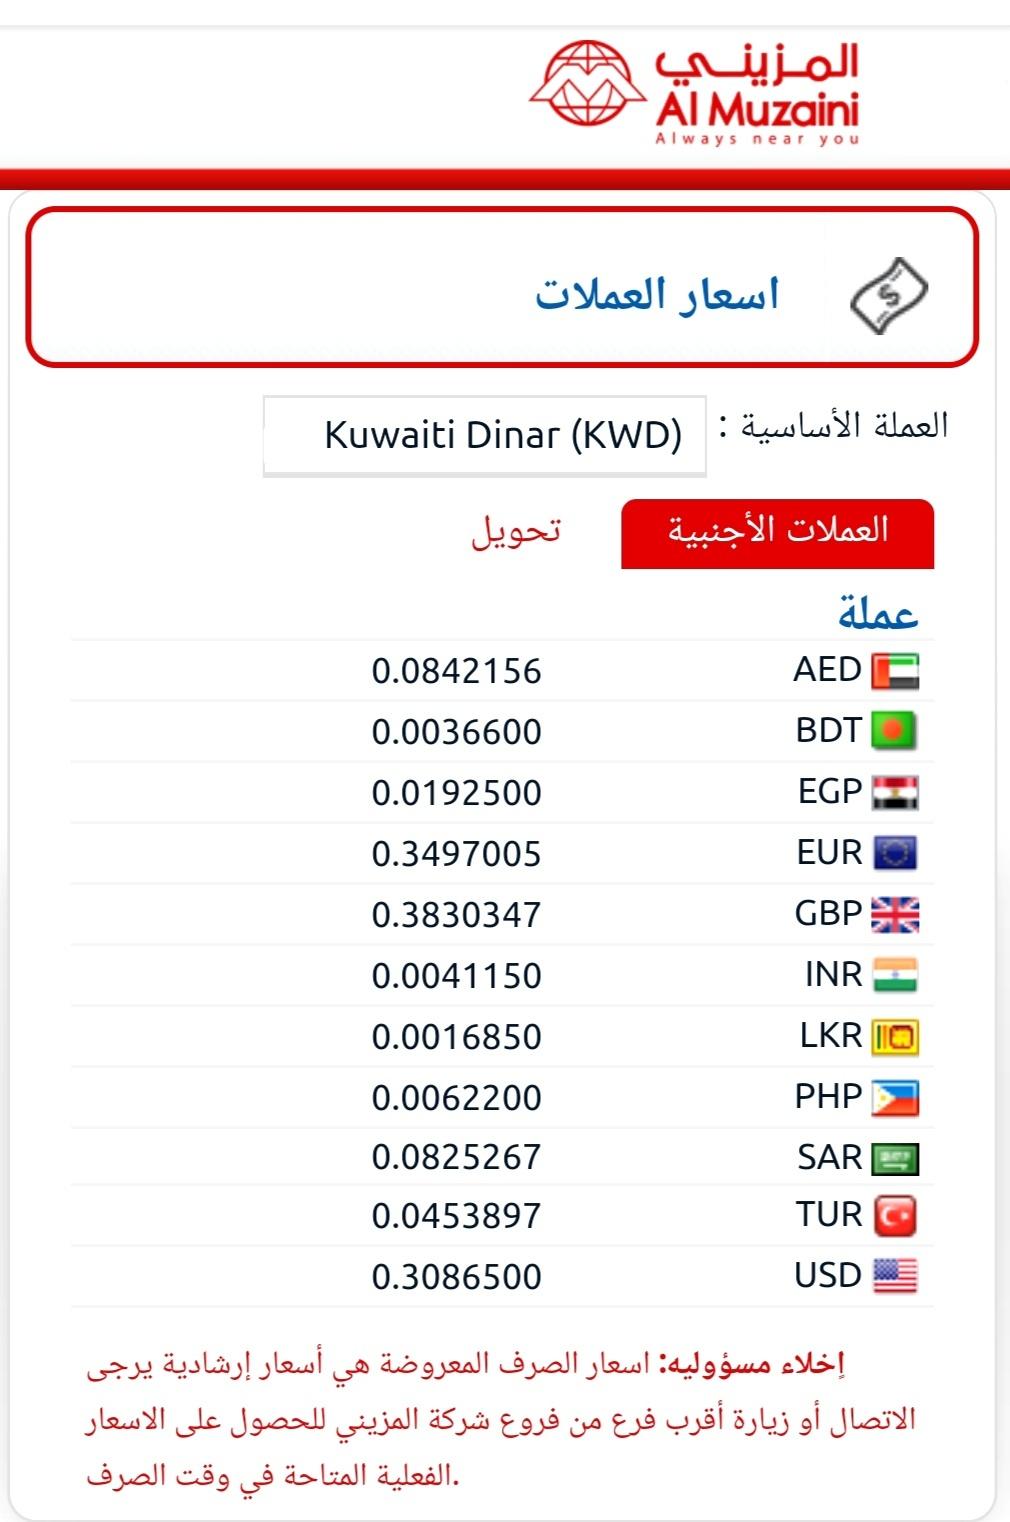 شركة المزيني الكويت سعر صرف الجنيه المصرى سعر تحويل الدينار اليوم ٣٠ يونيو ٢٠٢٠